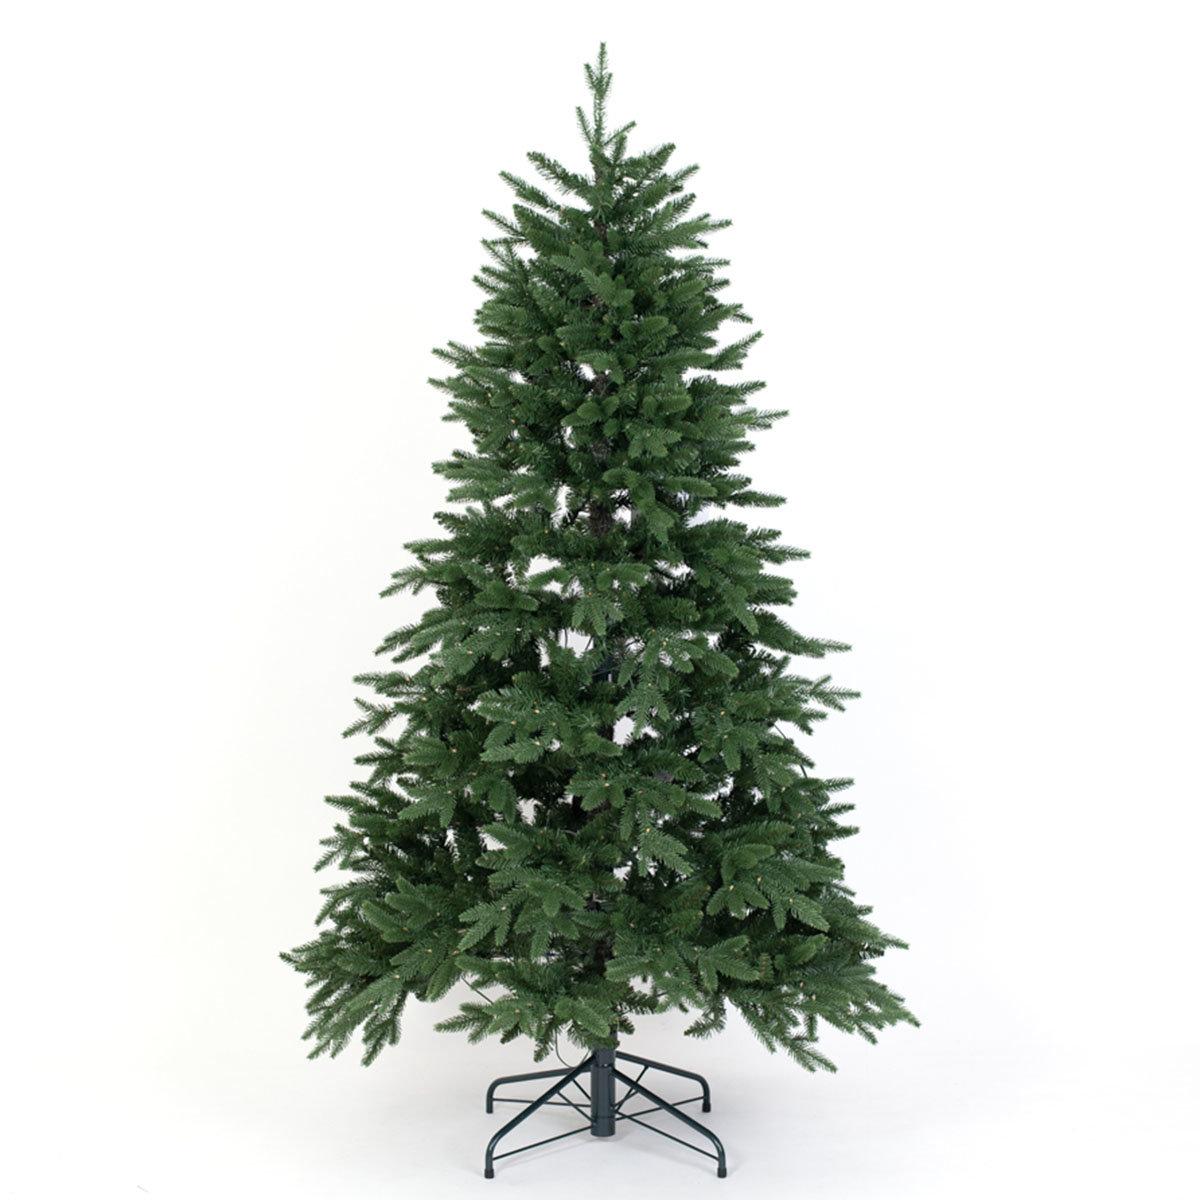 Künstlicher Weihnachtsbaum Fichte, mit Beleuchtung, 210 cm   #7